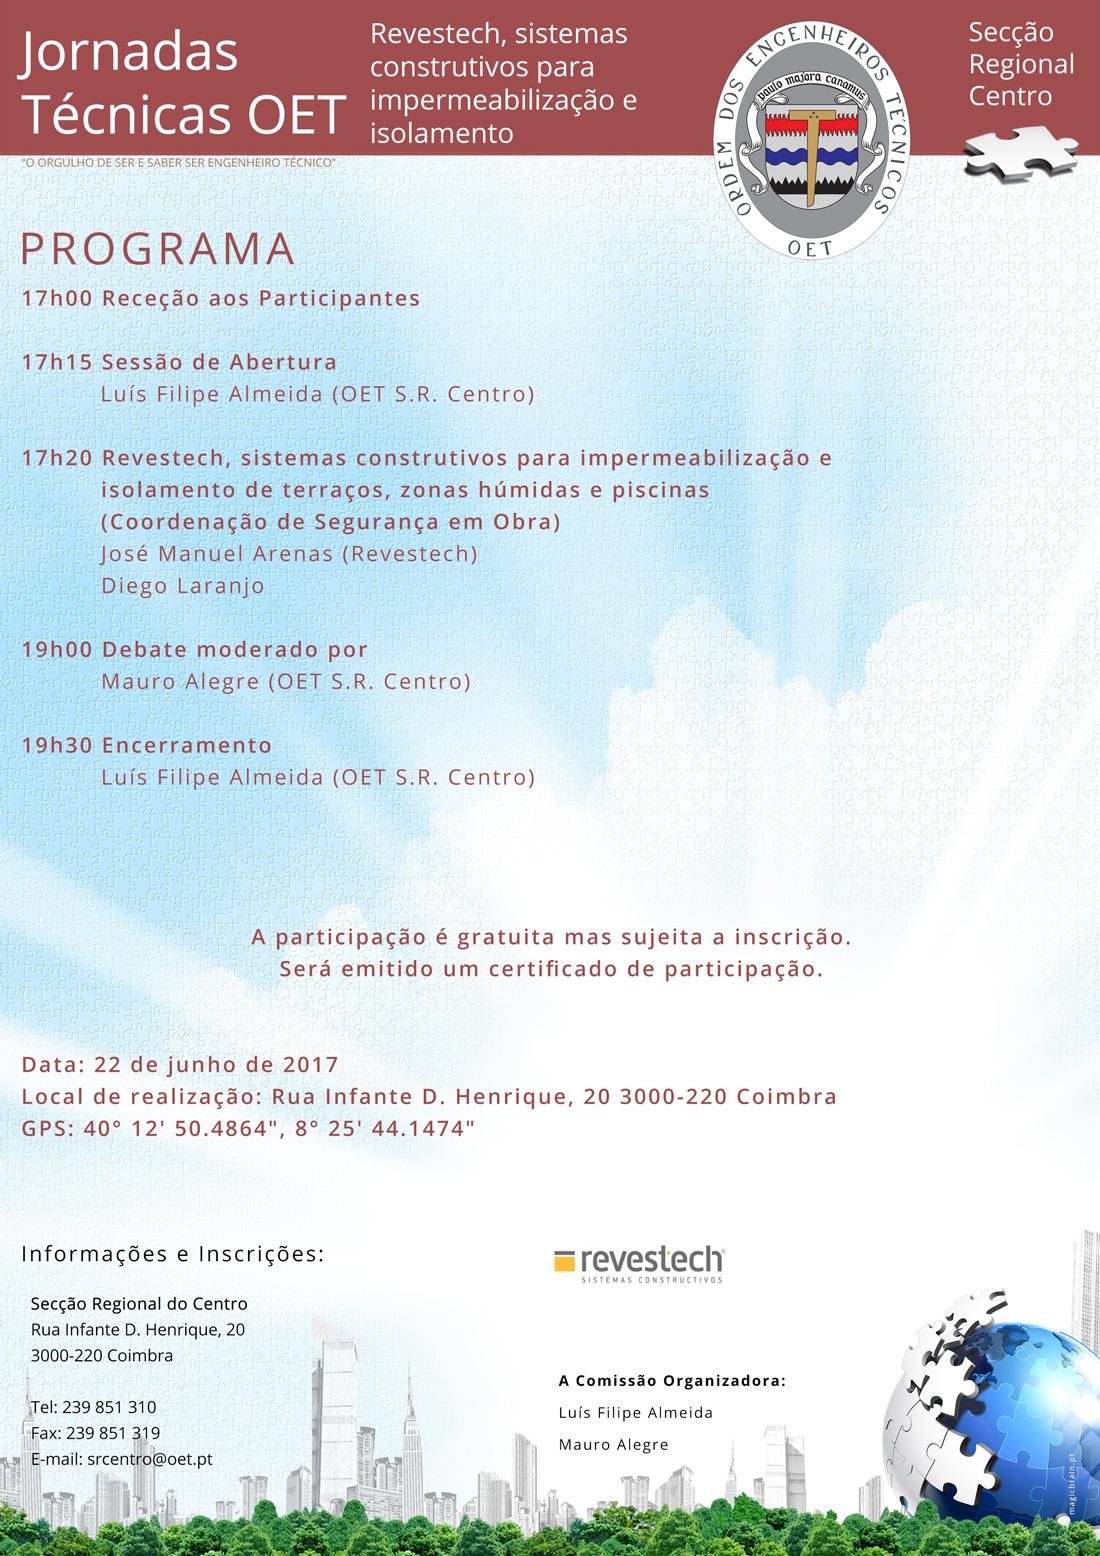 cartaz do evento com o programa